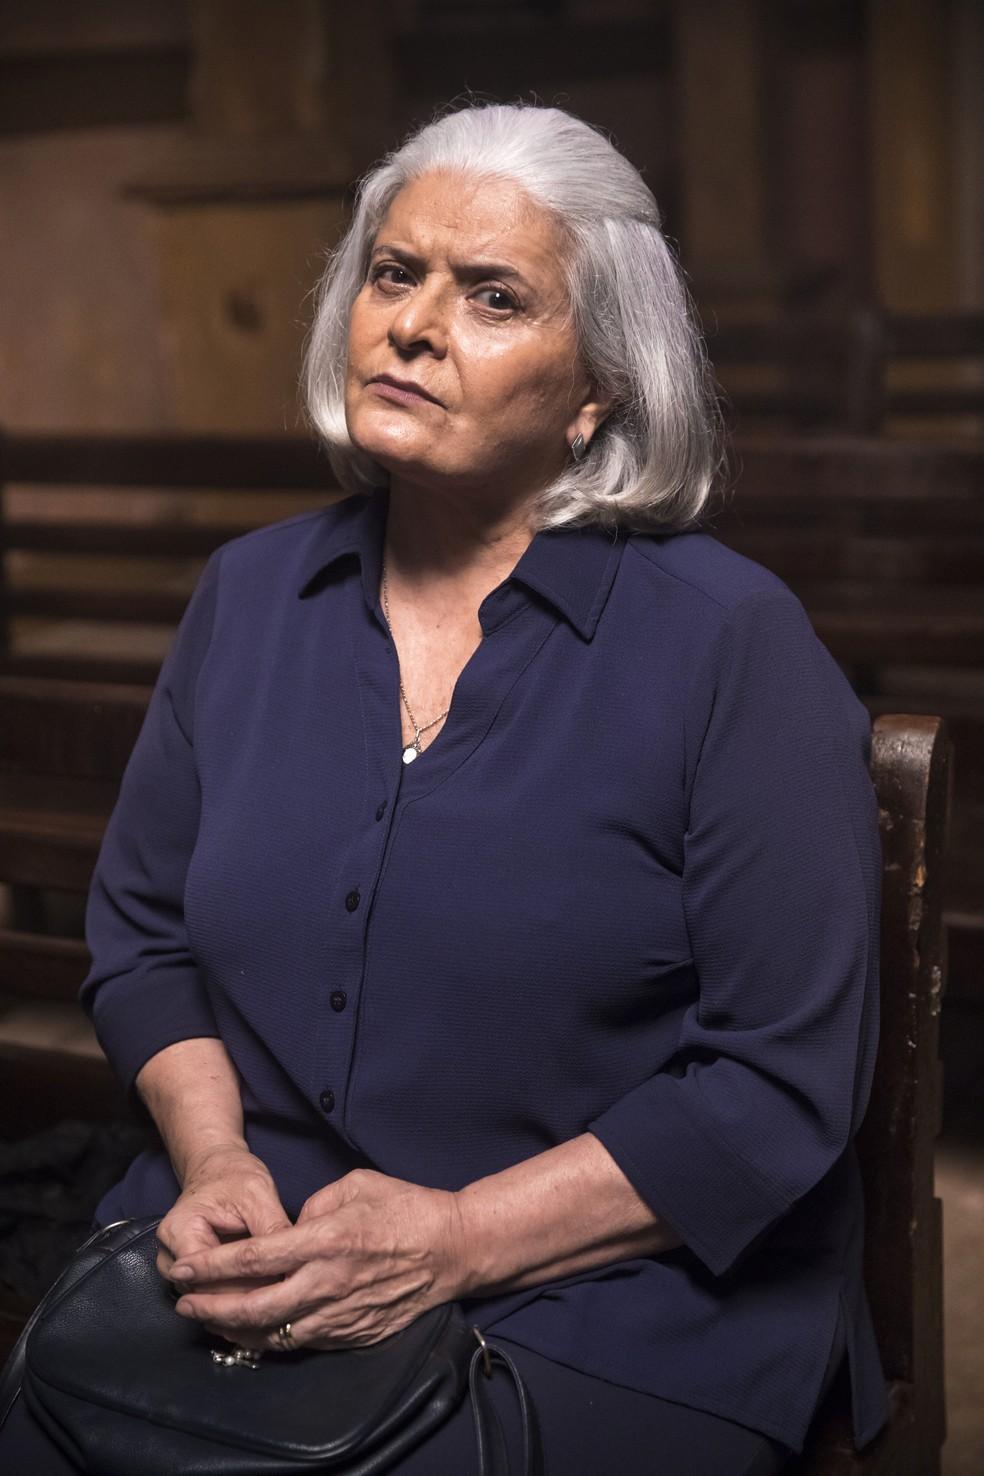 Jussara Freire é Nilda, em 'A Dona do Pedaço'. A personagem é mãe de Amadeu (Marcos Palmeira) — Foto: TV Globo/João Miguel Jr.